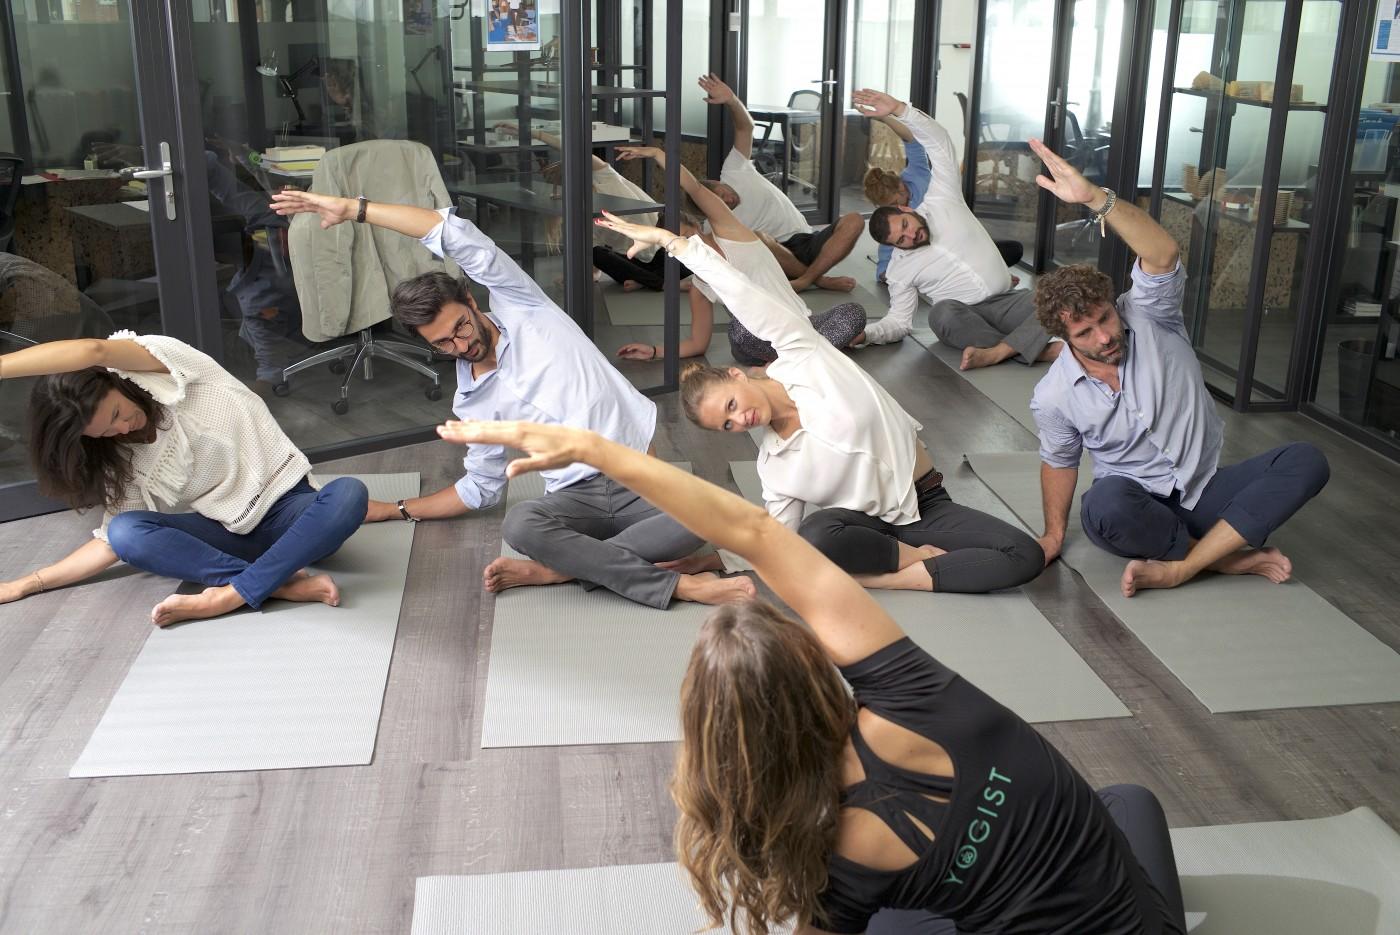 Yoga sur tapis cours entreprise yogist